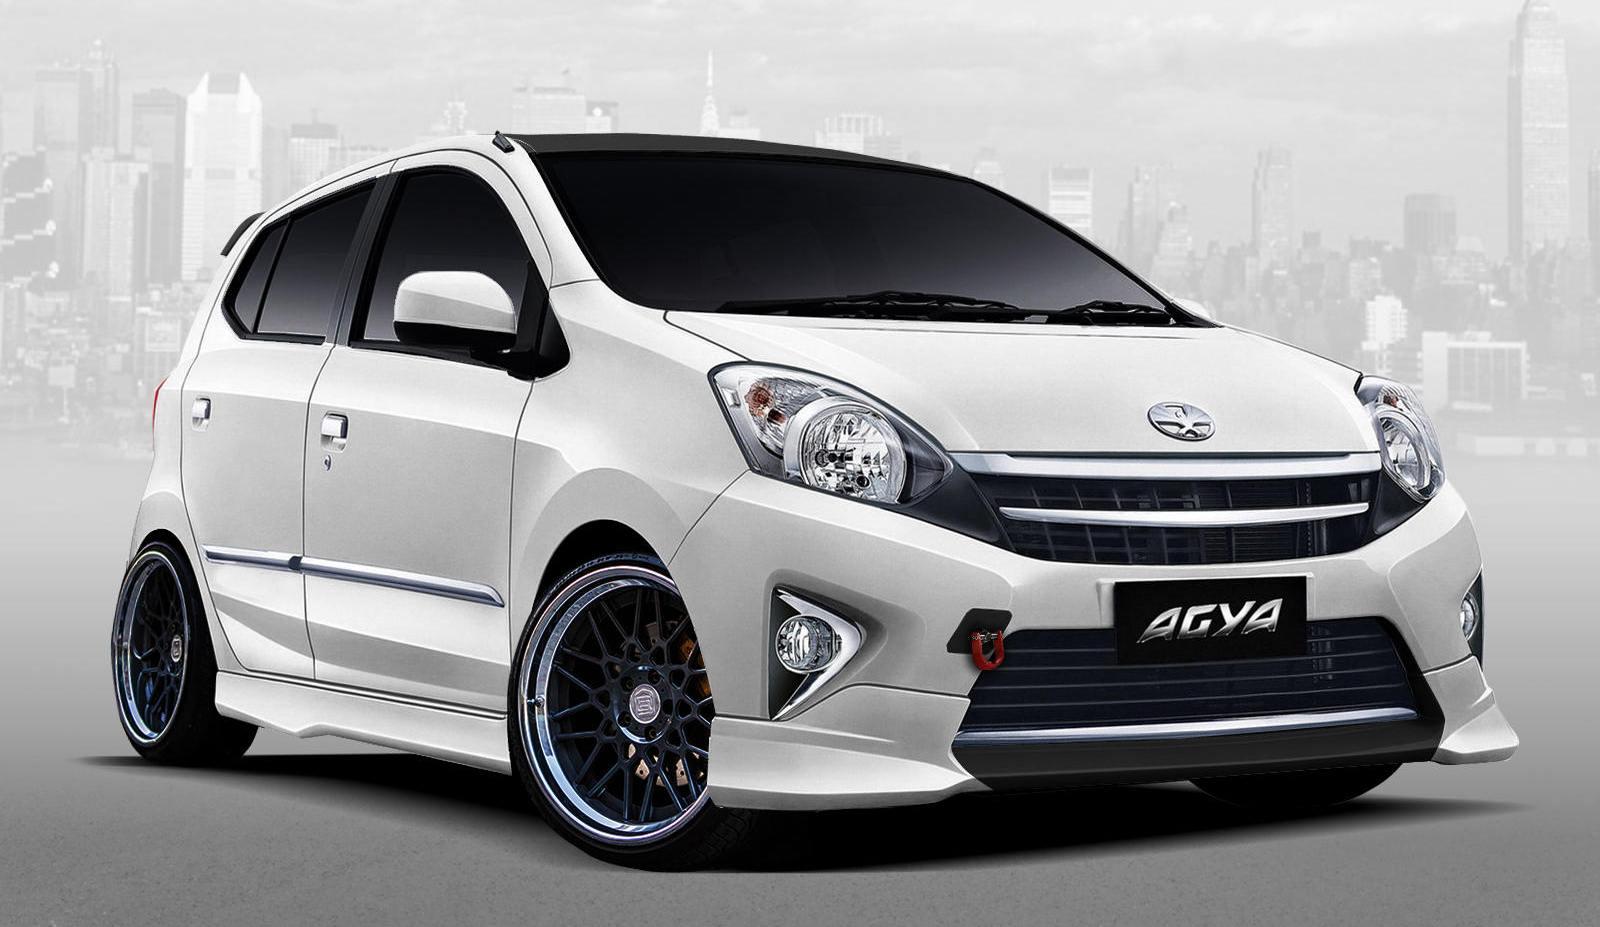 Harga Mobil Avanza Baru Bekas/SecondTerbaru 2013 2014 2012 ...